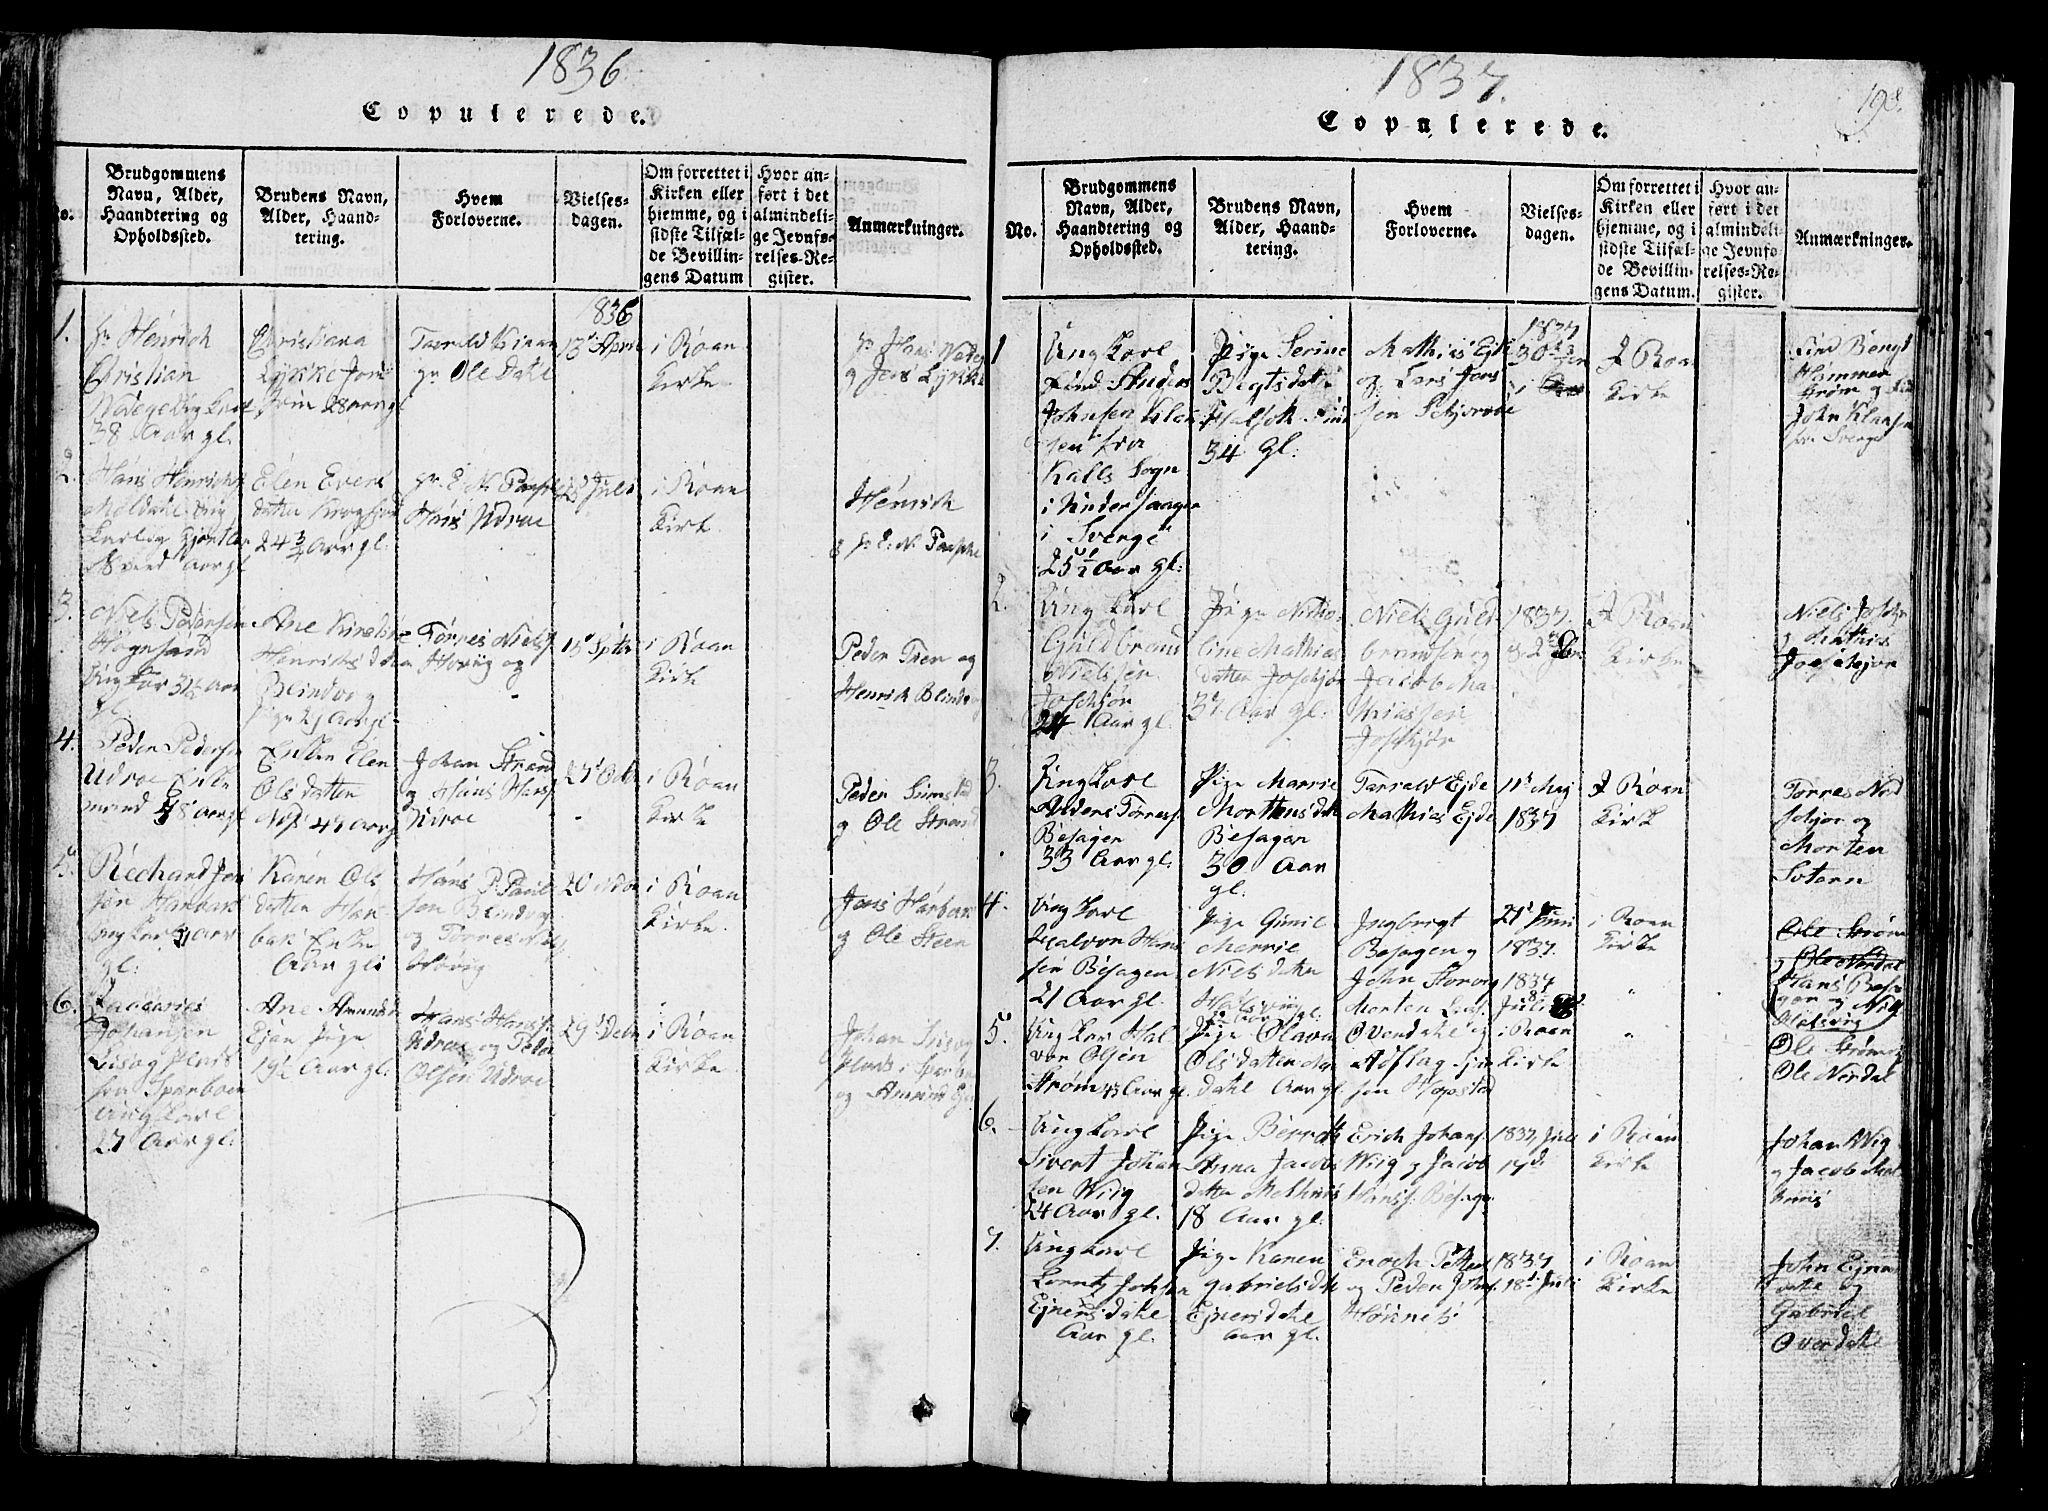 SAT, Ministerialprotokoller, klokkerbøker og fødselsregistre - Sør-Trøndelag, 657/L0714: Klokkerbok nr. 657C01, 1818-1868, s. 198